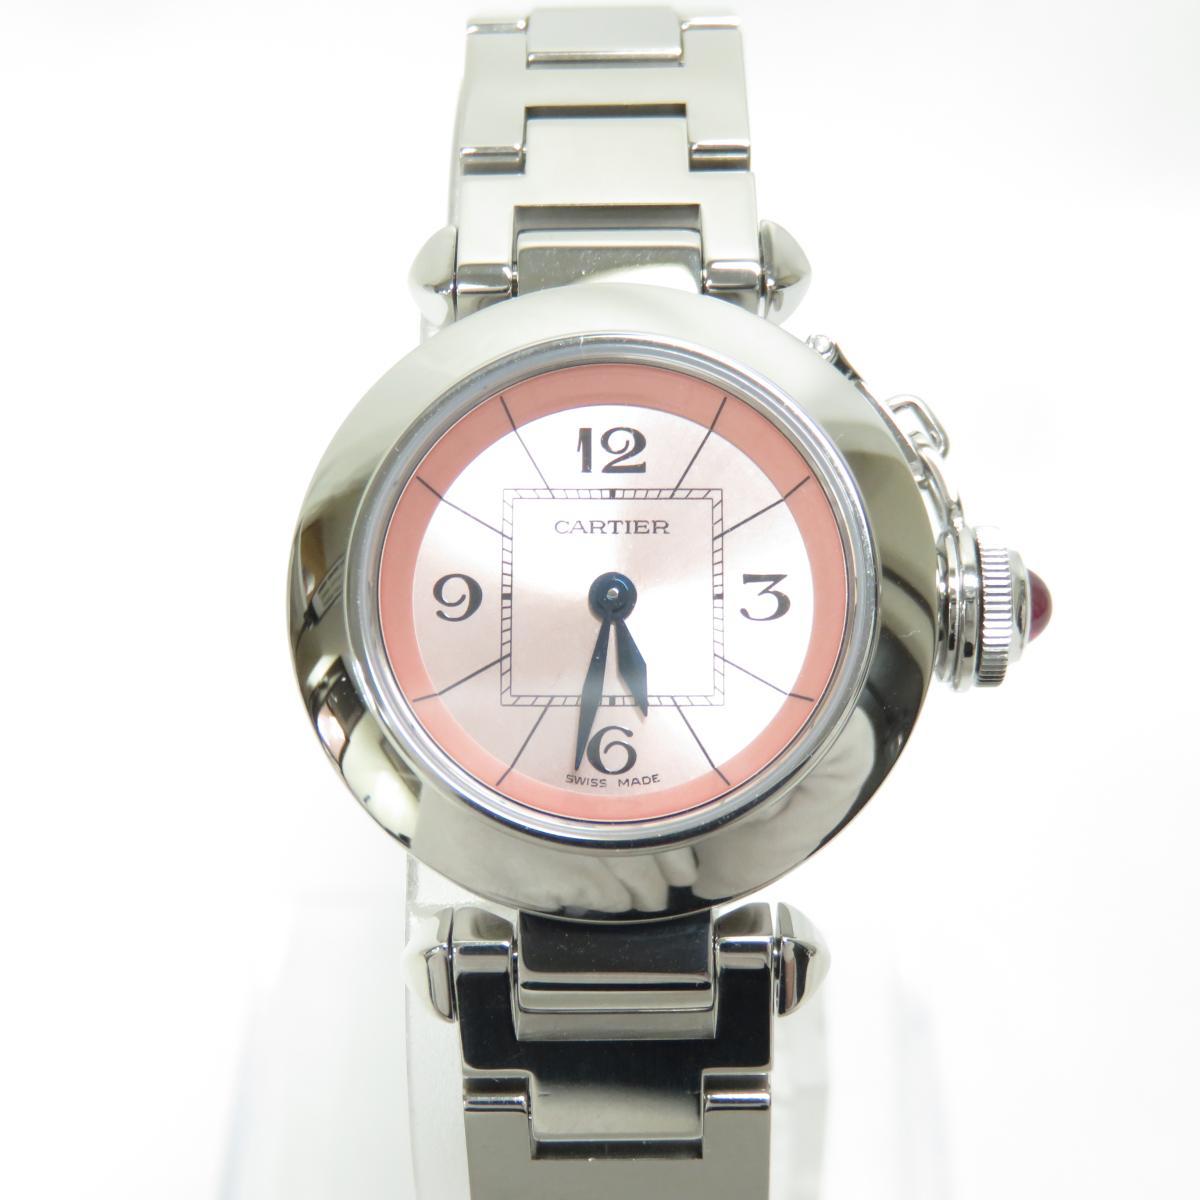 【中古】 カルティエ ミス パシャ レディース腕時計 クォーツ レディース ステンレススチール (SS) (W3140008) | Cartier BRANDOFF ブランドオフ ブランド ブランド時計 ブランド腕時計 腕時計 時計 ウォッチ